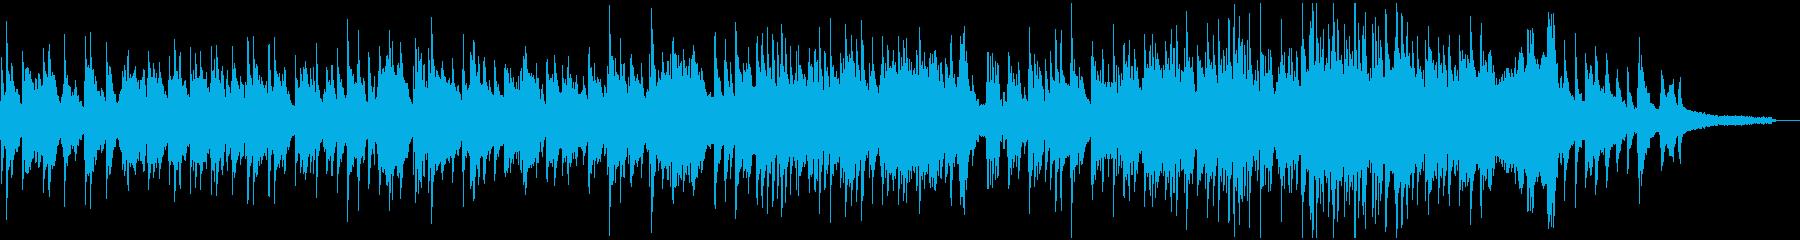 ゆったりとしたピアノソロ4分弱の再生済みの波形